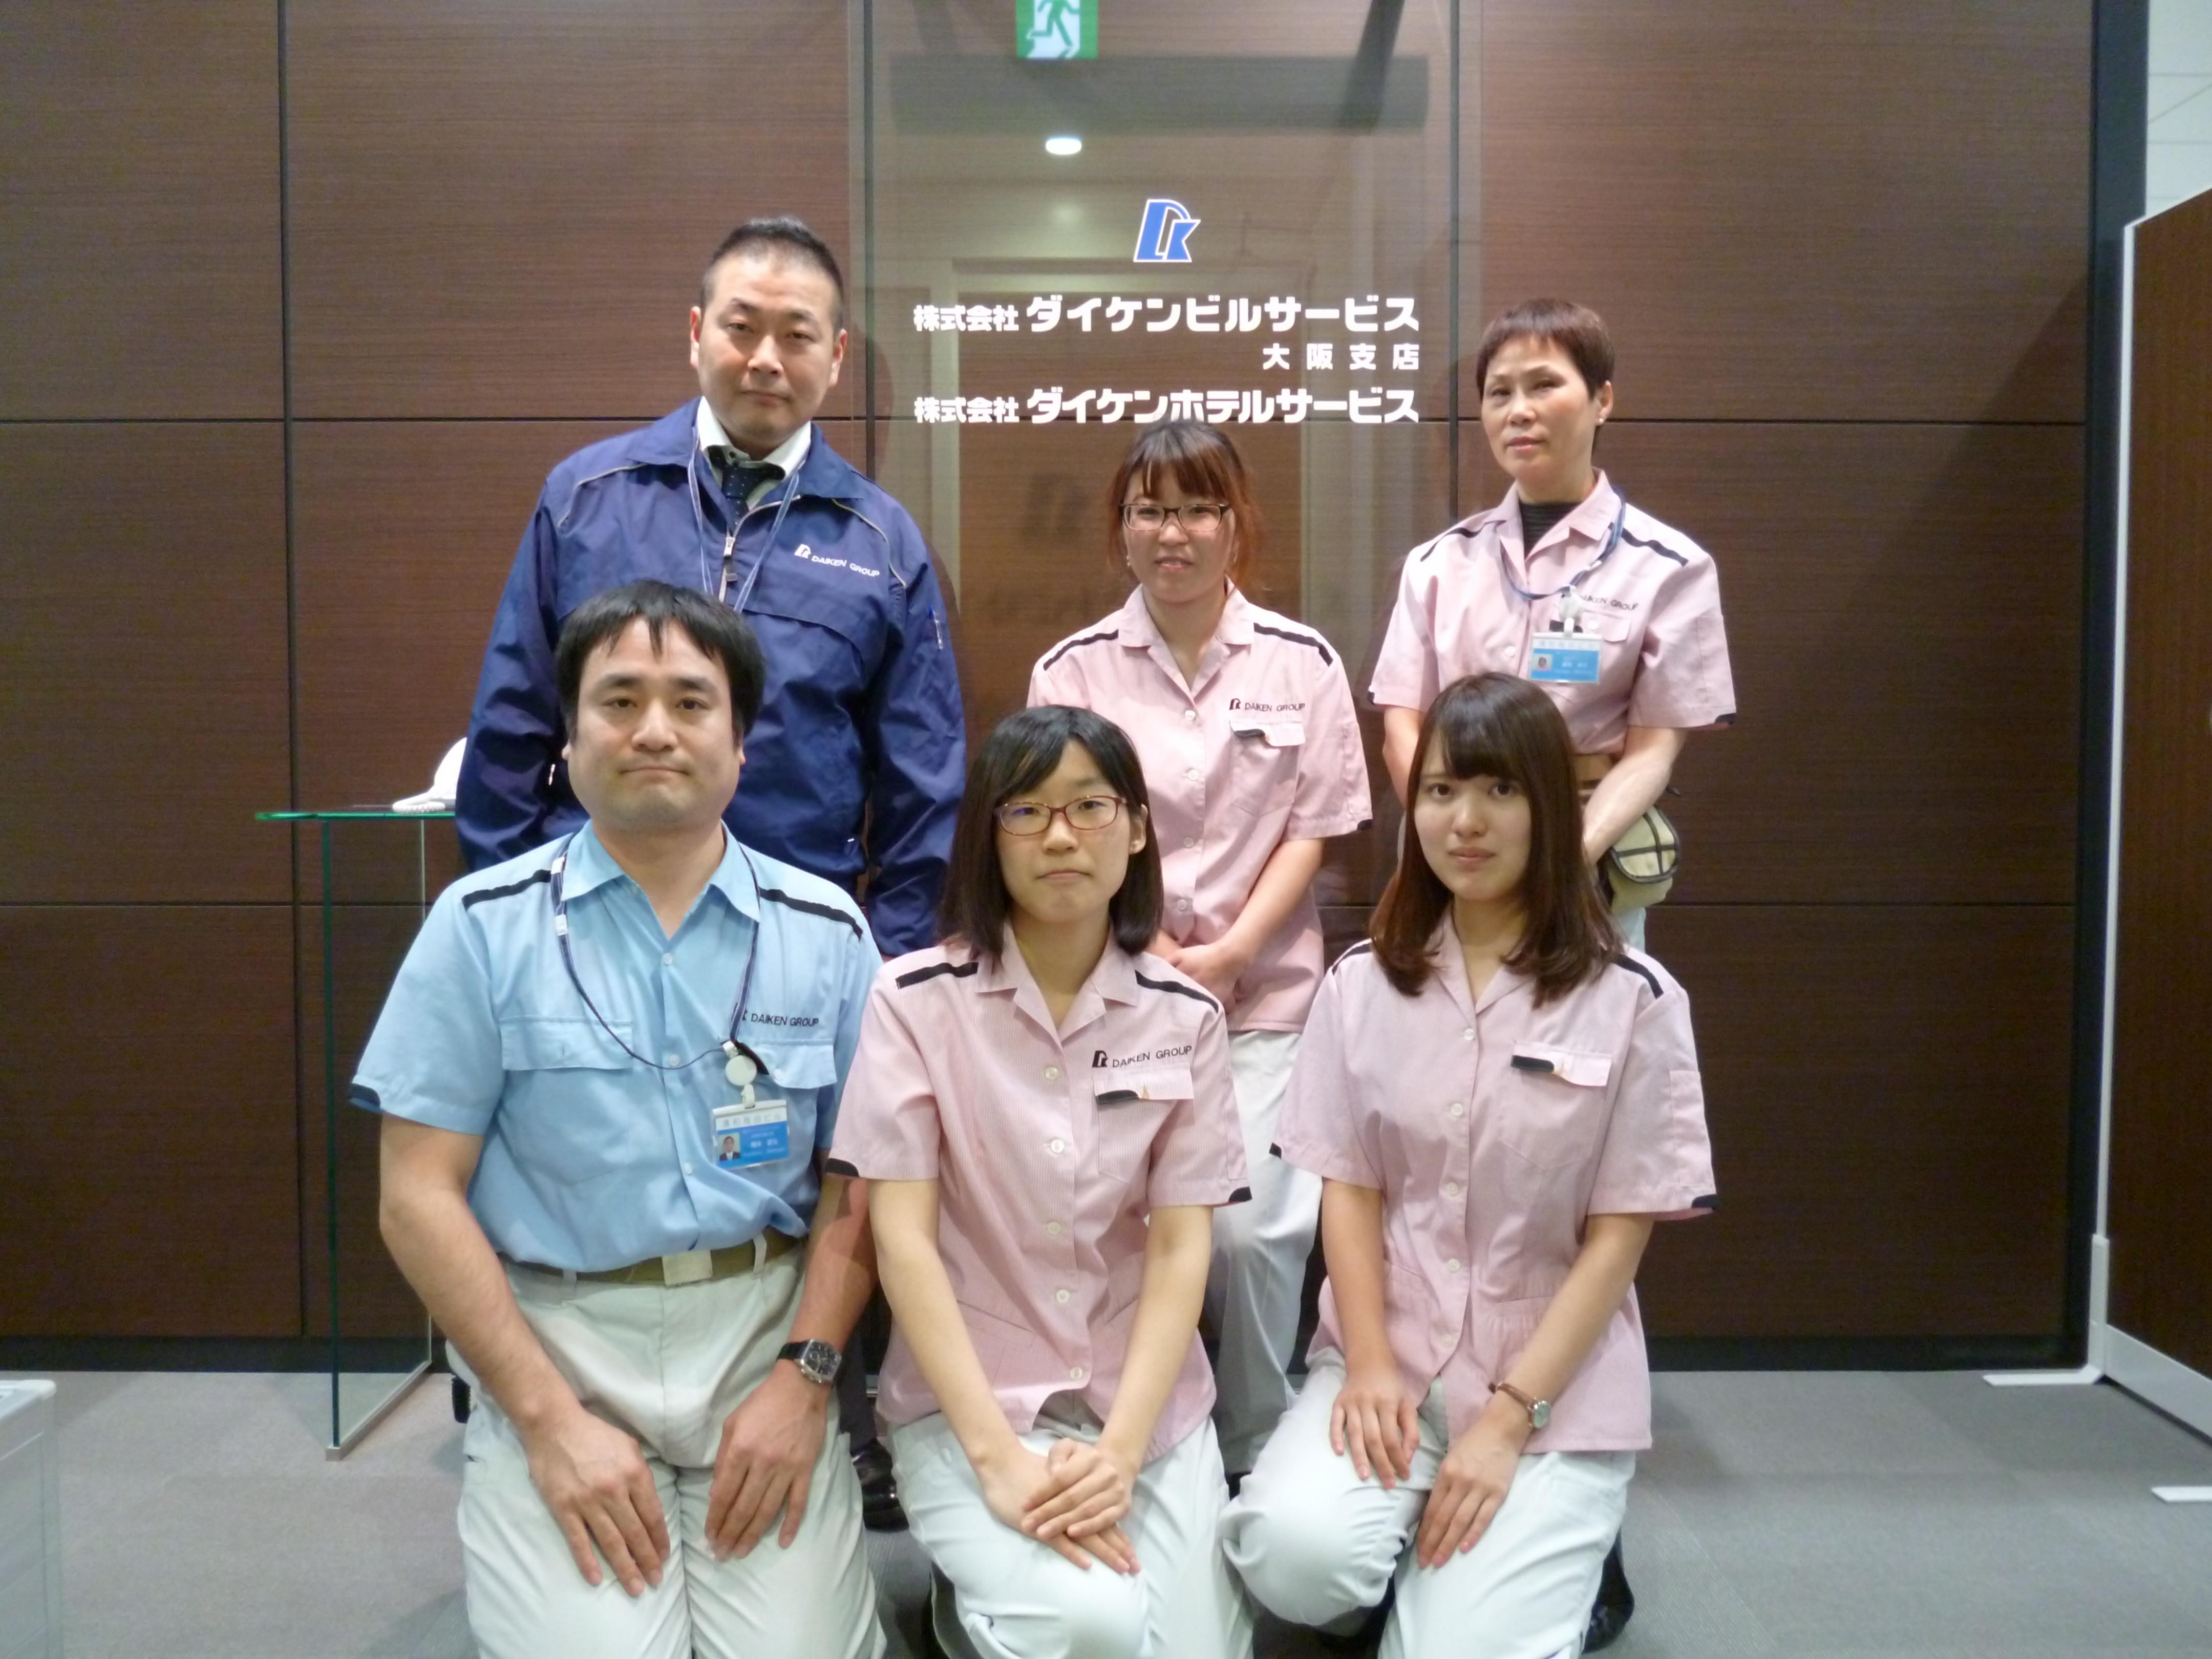 清掃スタッフ 大阪赤十字病院 株式会社ダイケンビルサービス のアルバイト情報